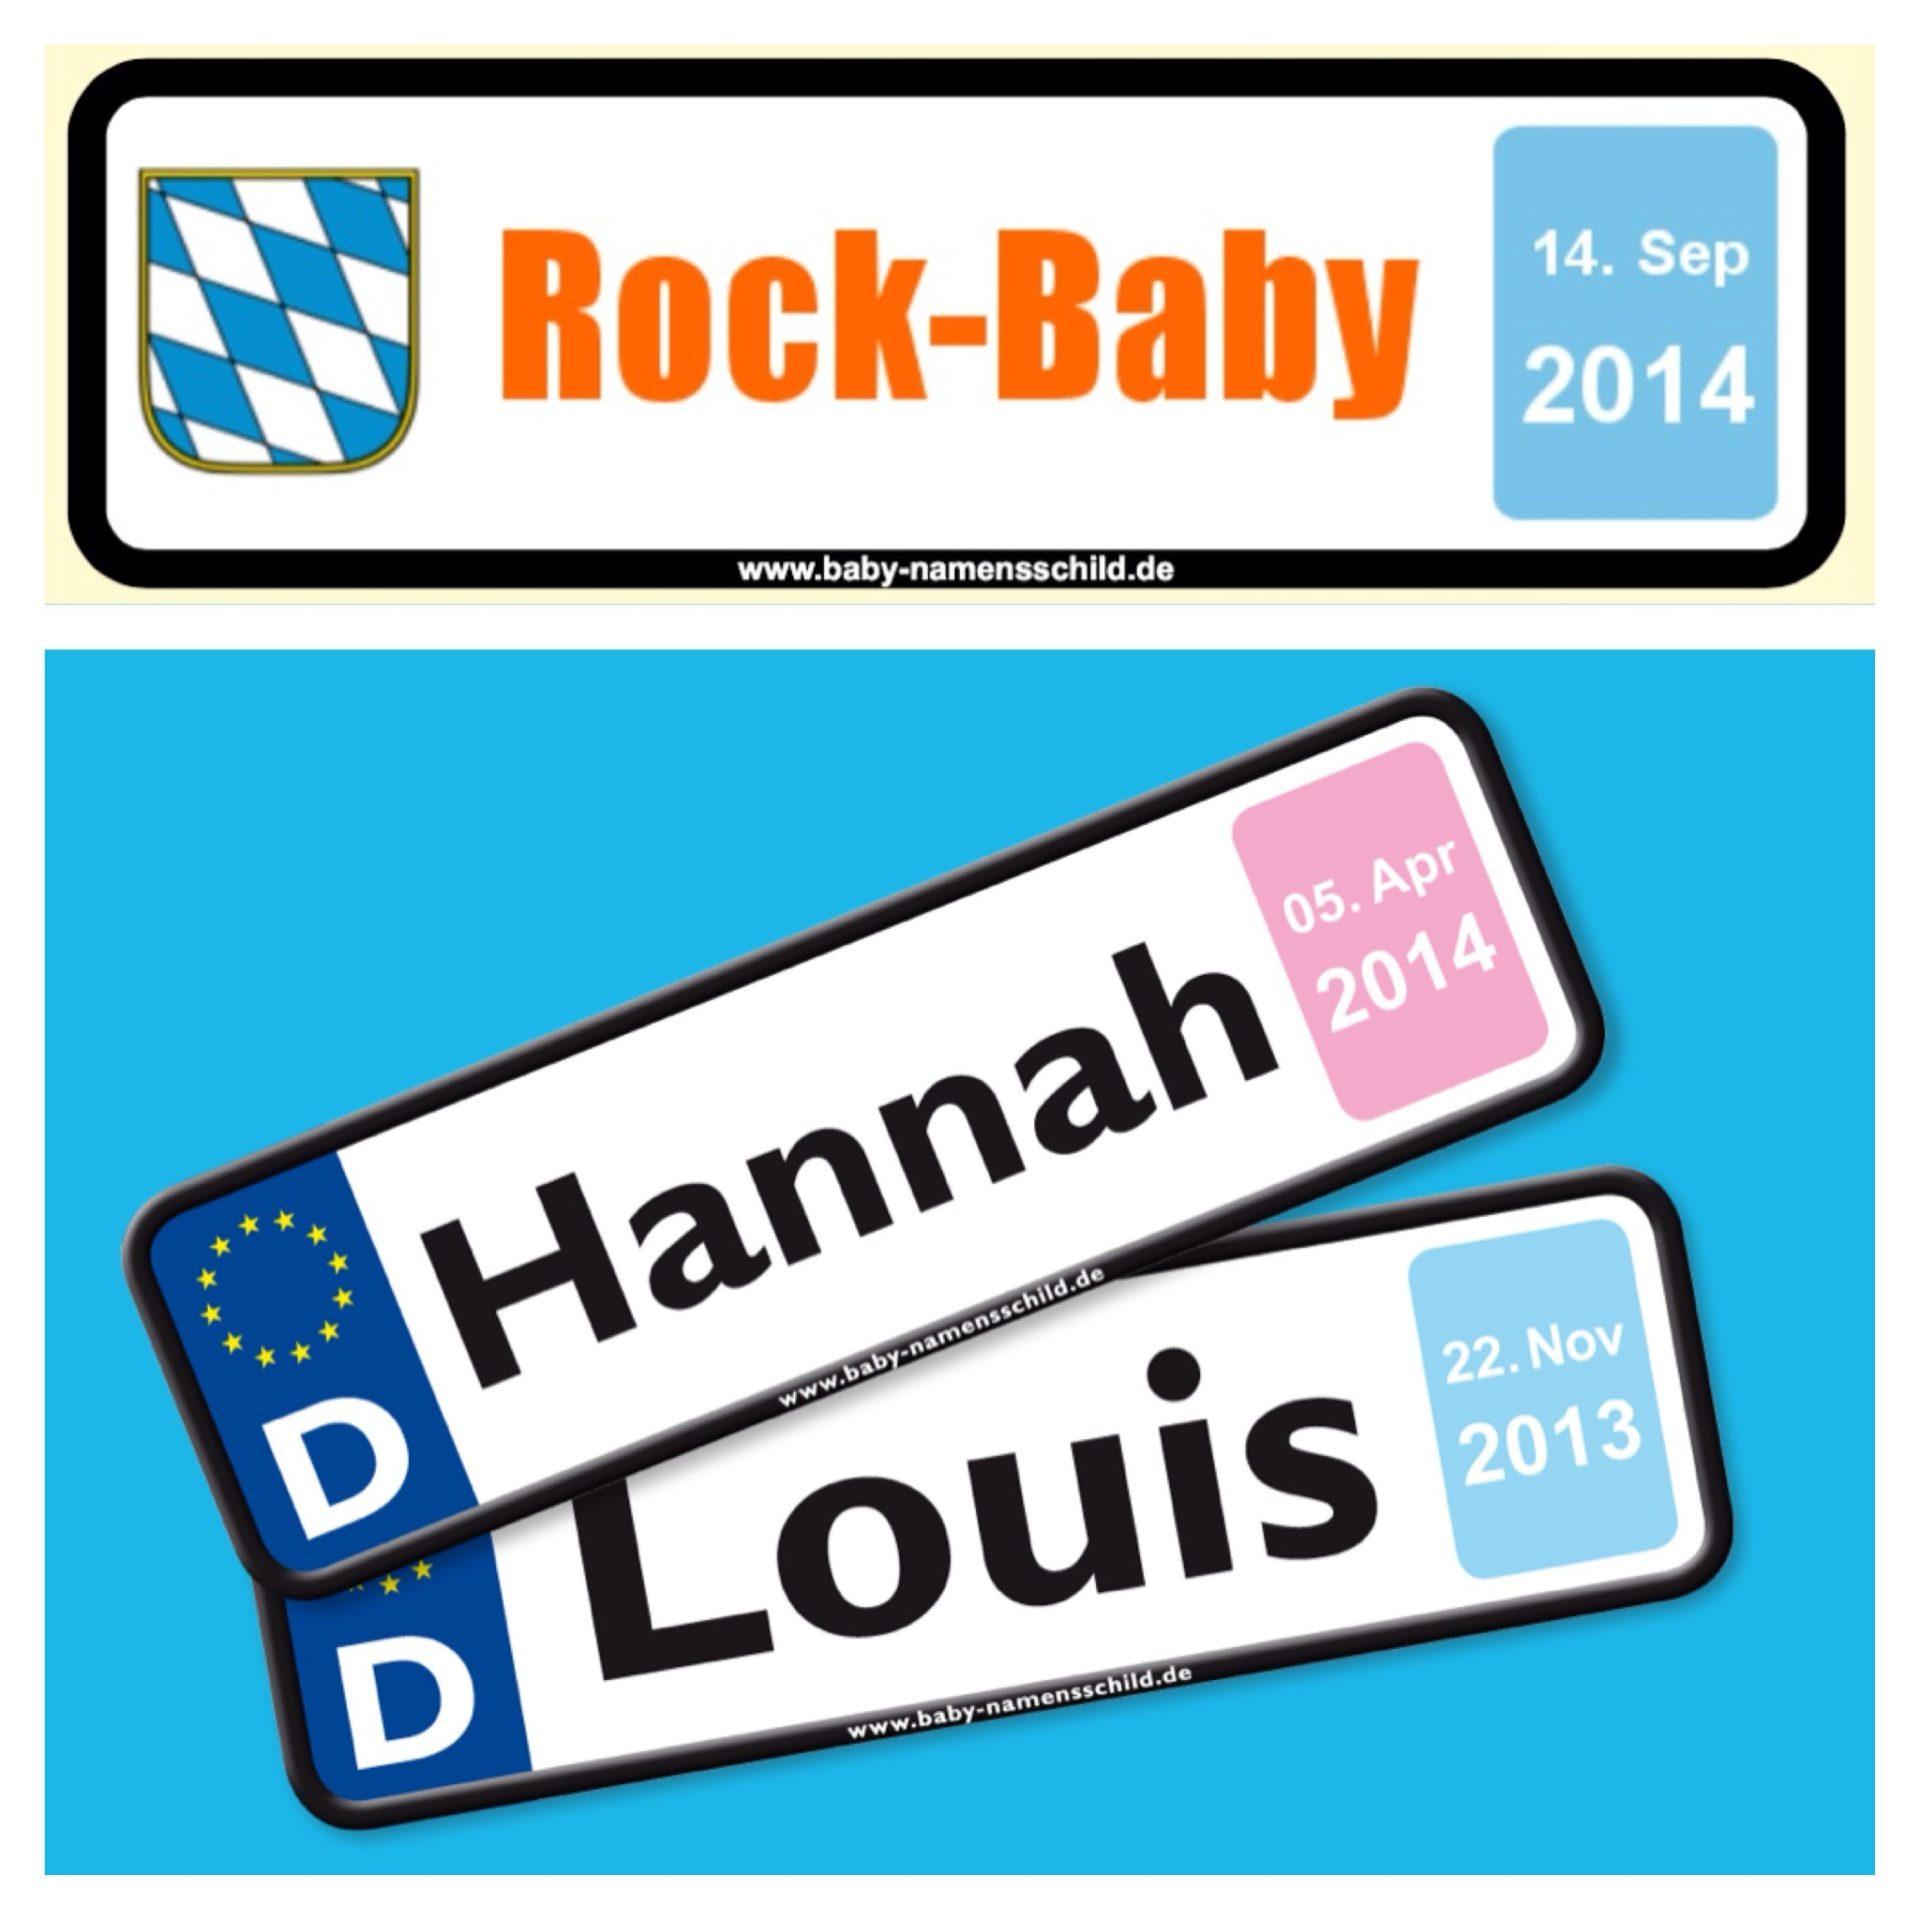 Baby namensschild kennzeichen gewinnen